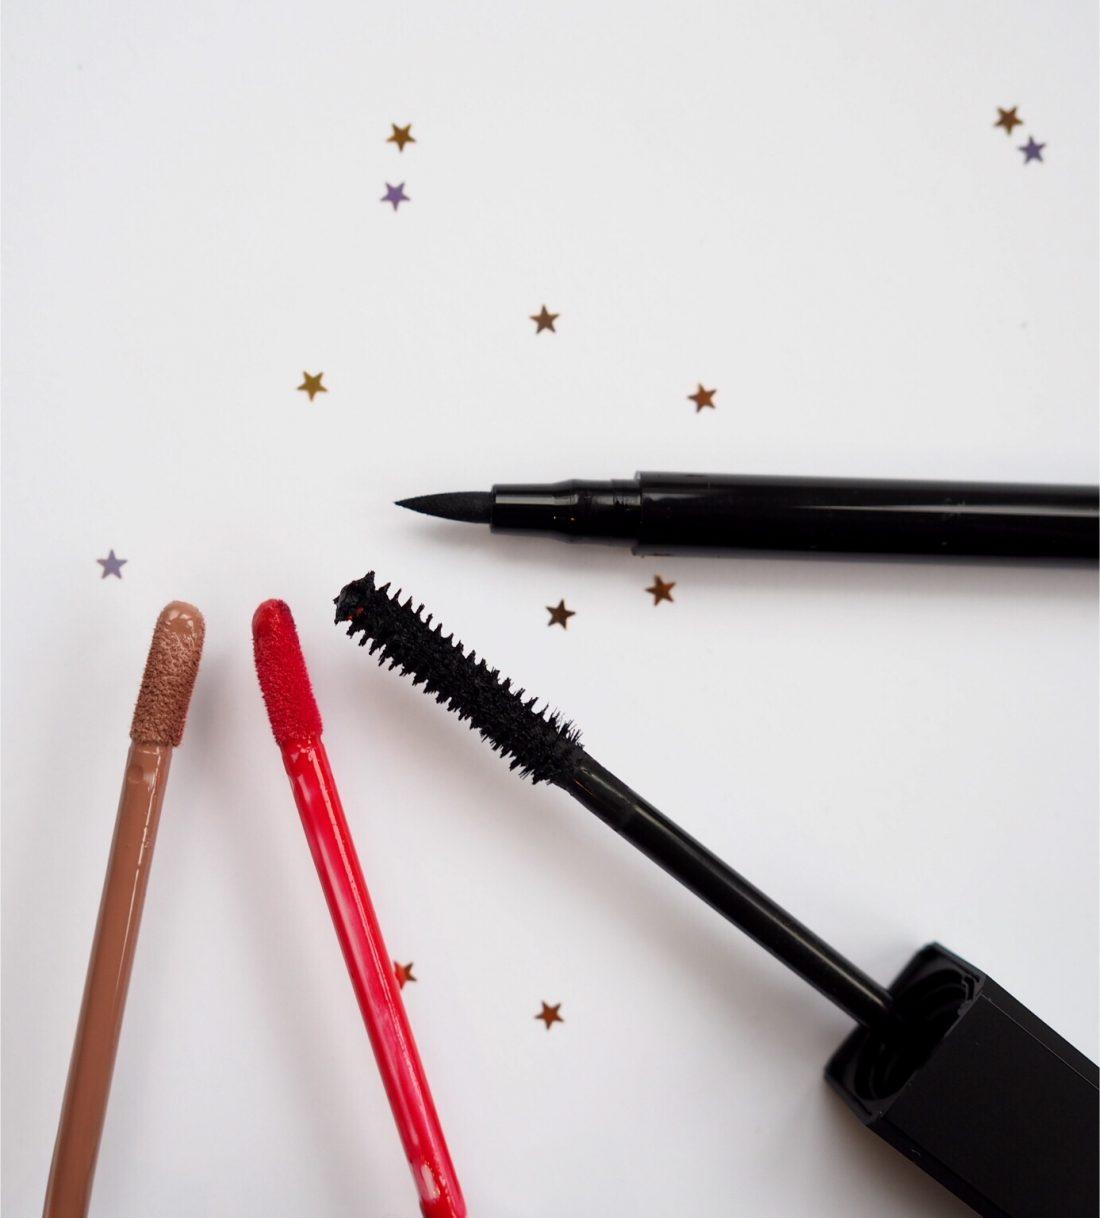 Le Metier de Beaute Moisture Matte Lip Creme